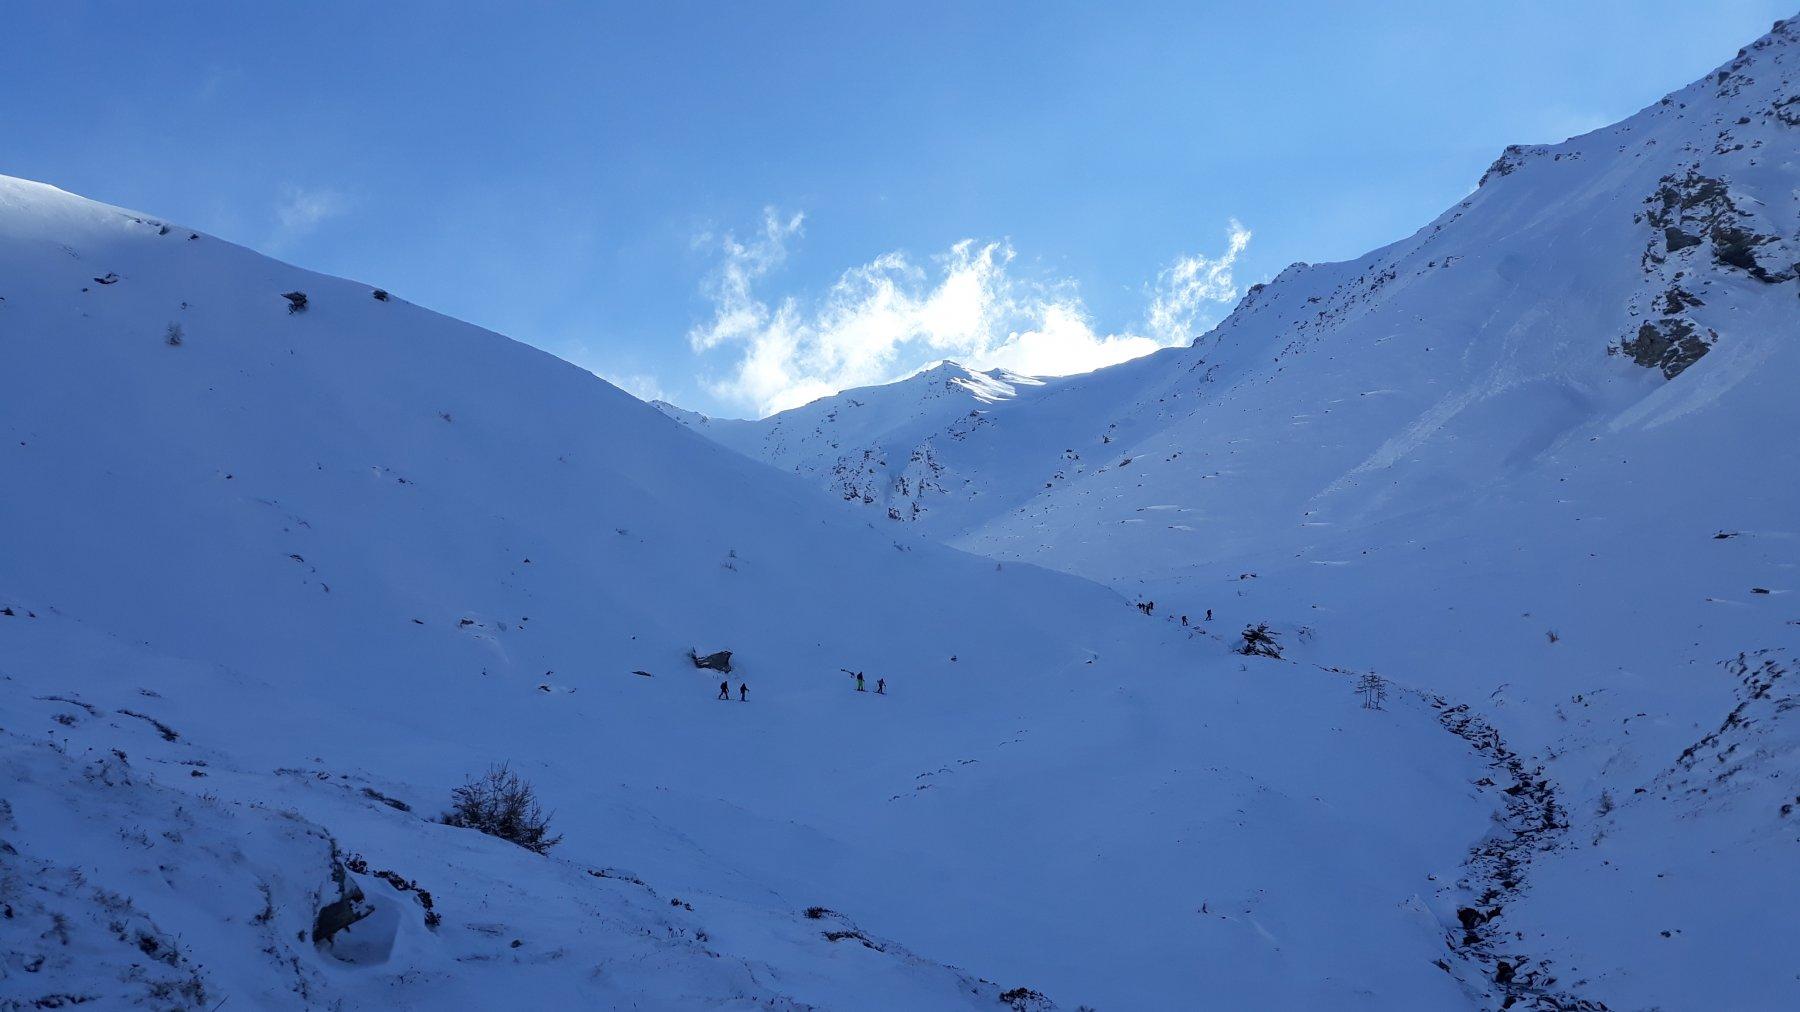 inizio salita con gli sci....a -10